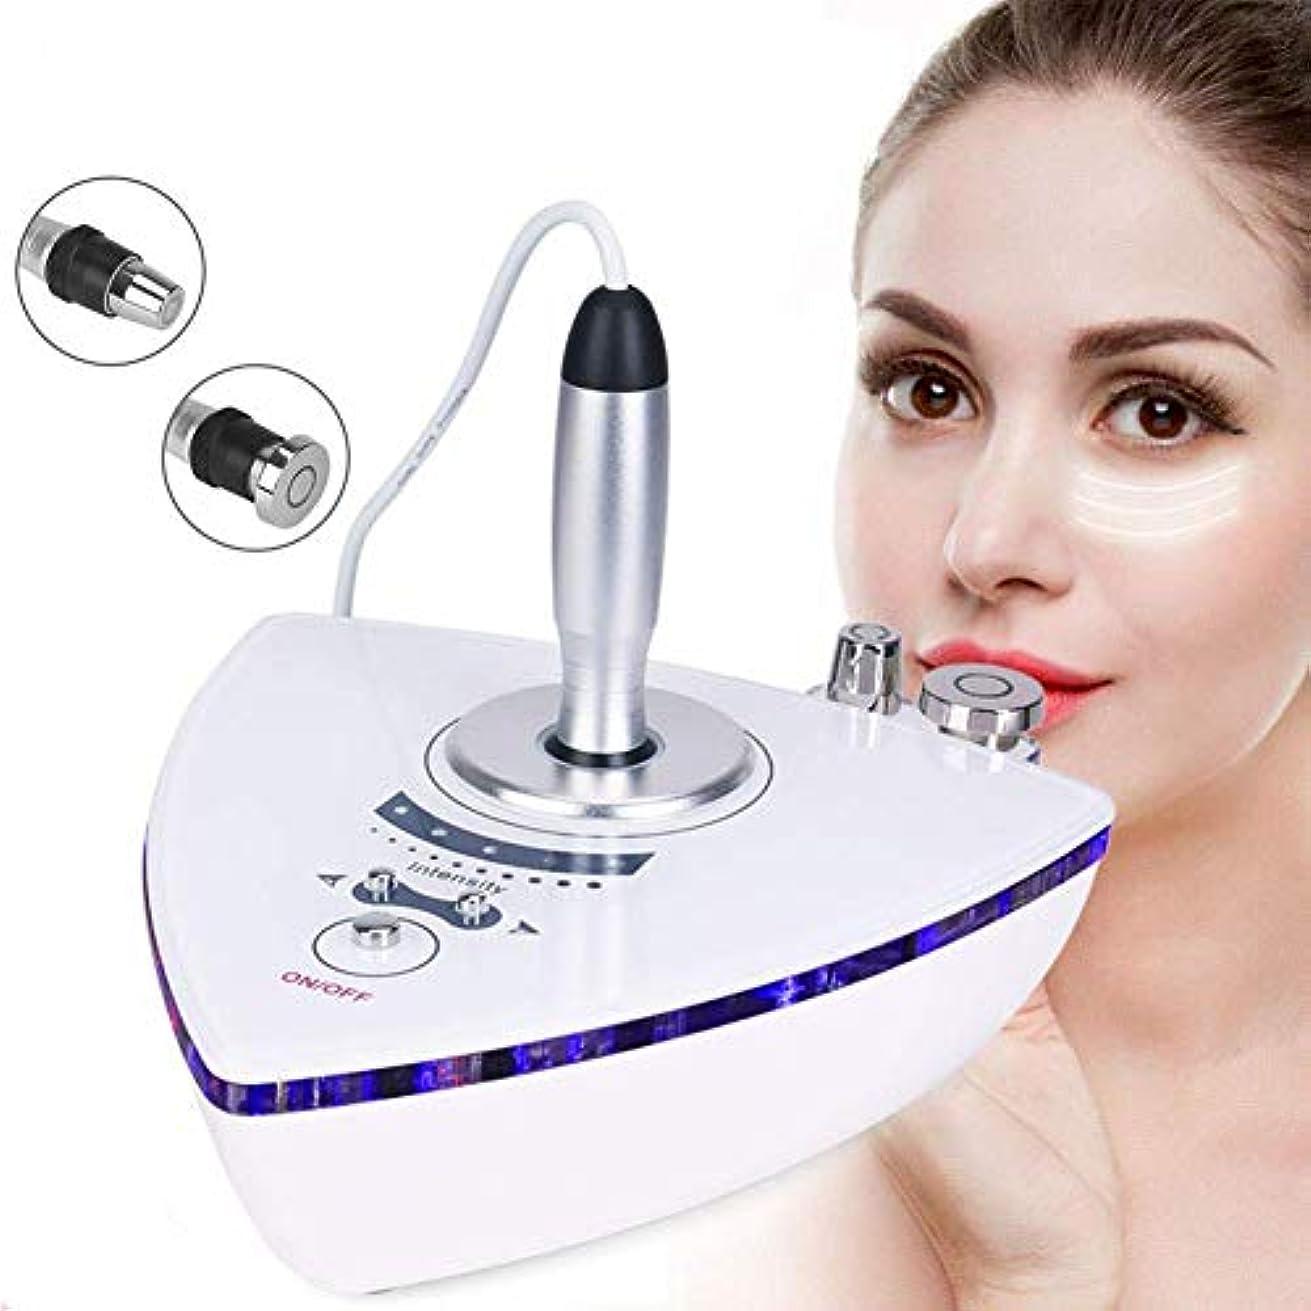 電卓忘れる縁RF無線周波数ひげマシンホーム用、肌の若返りしわ除去肌のためのリフティングのために二つのプローブを用いたRF美容機器マッサージャーアンチエイジングスキンケアを締めます